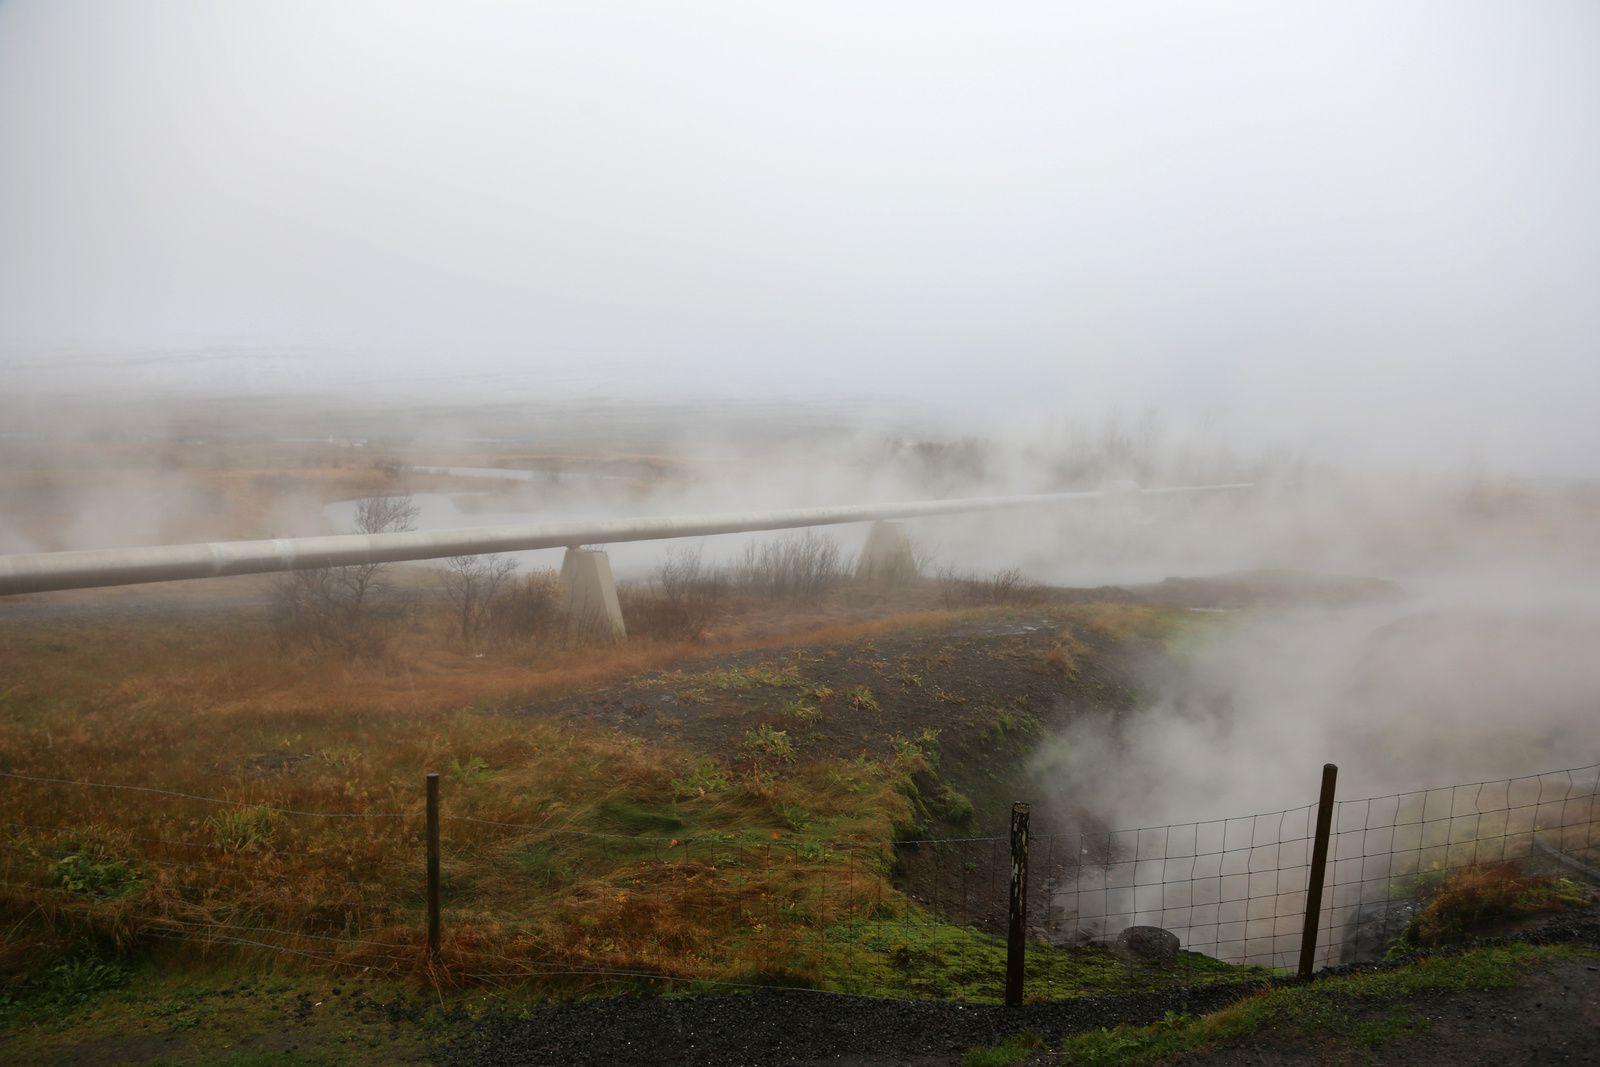 Deildartunguhver, les vapeurs de l'exploitation géothermale se confondent dans le brouillard hivernal ambiant - photo © Bernard Duyck 10.2016